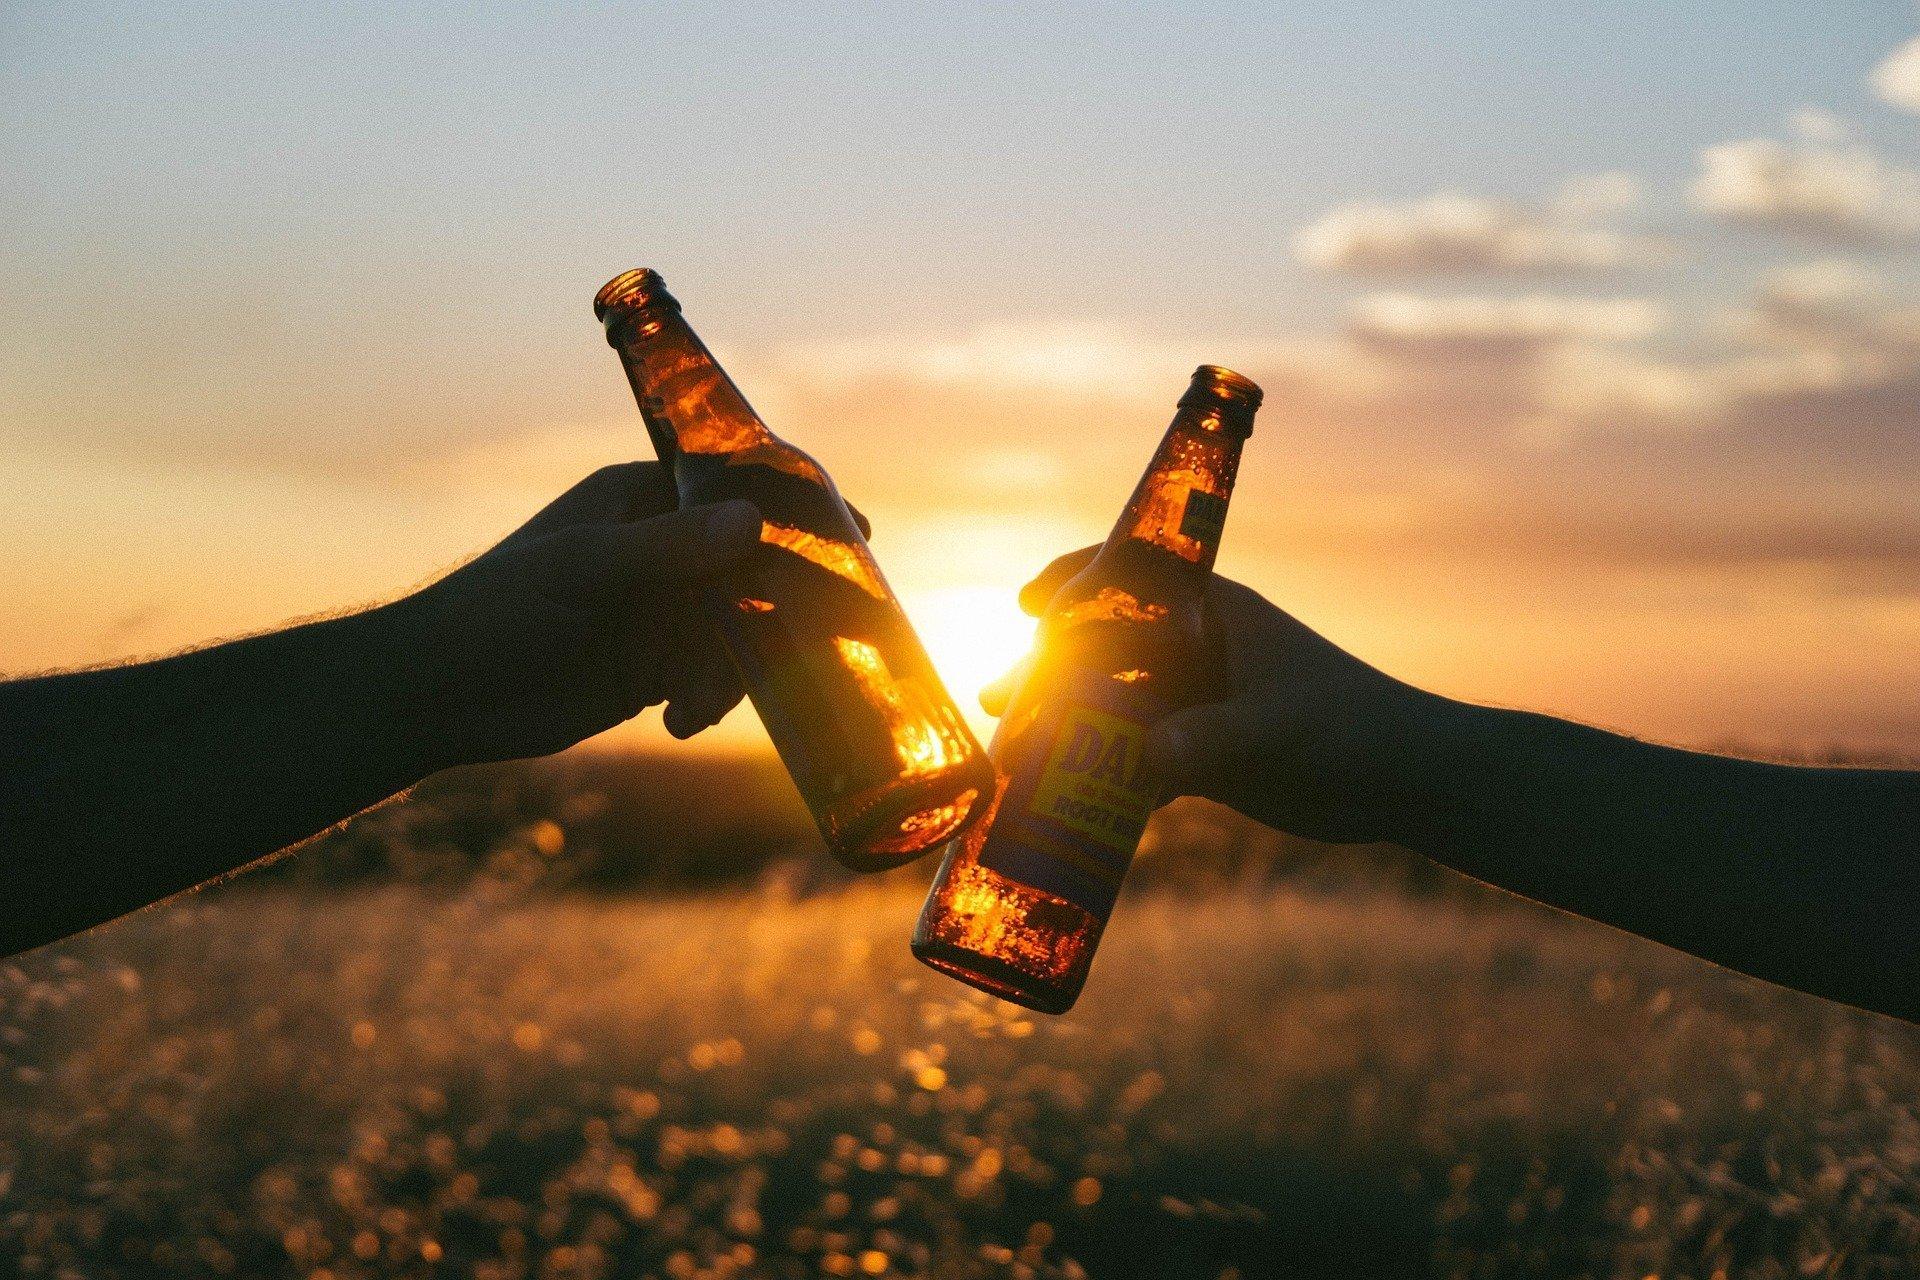 Bouteilles de bière clignotantes avec un coucher de soleil à l'arrière-plan. | Photo : Pixabay